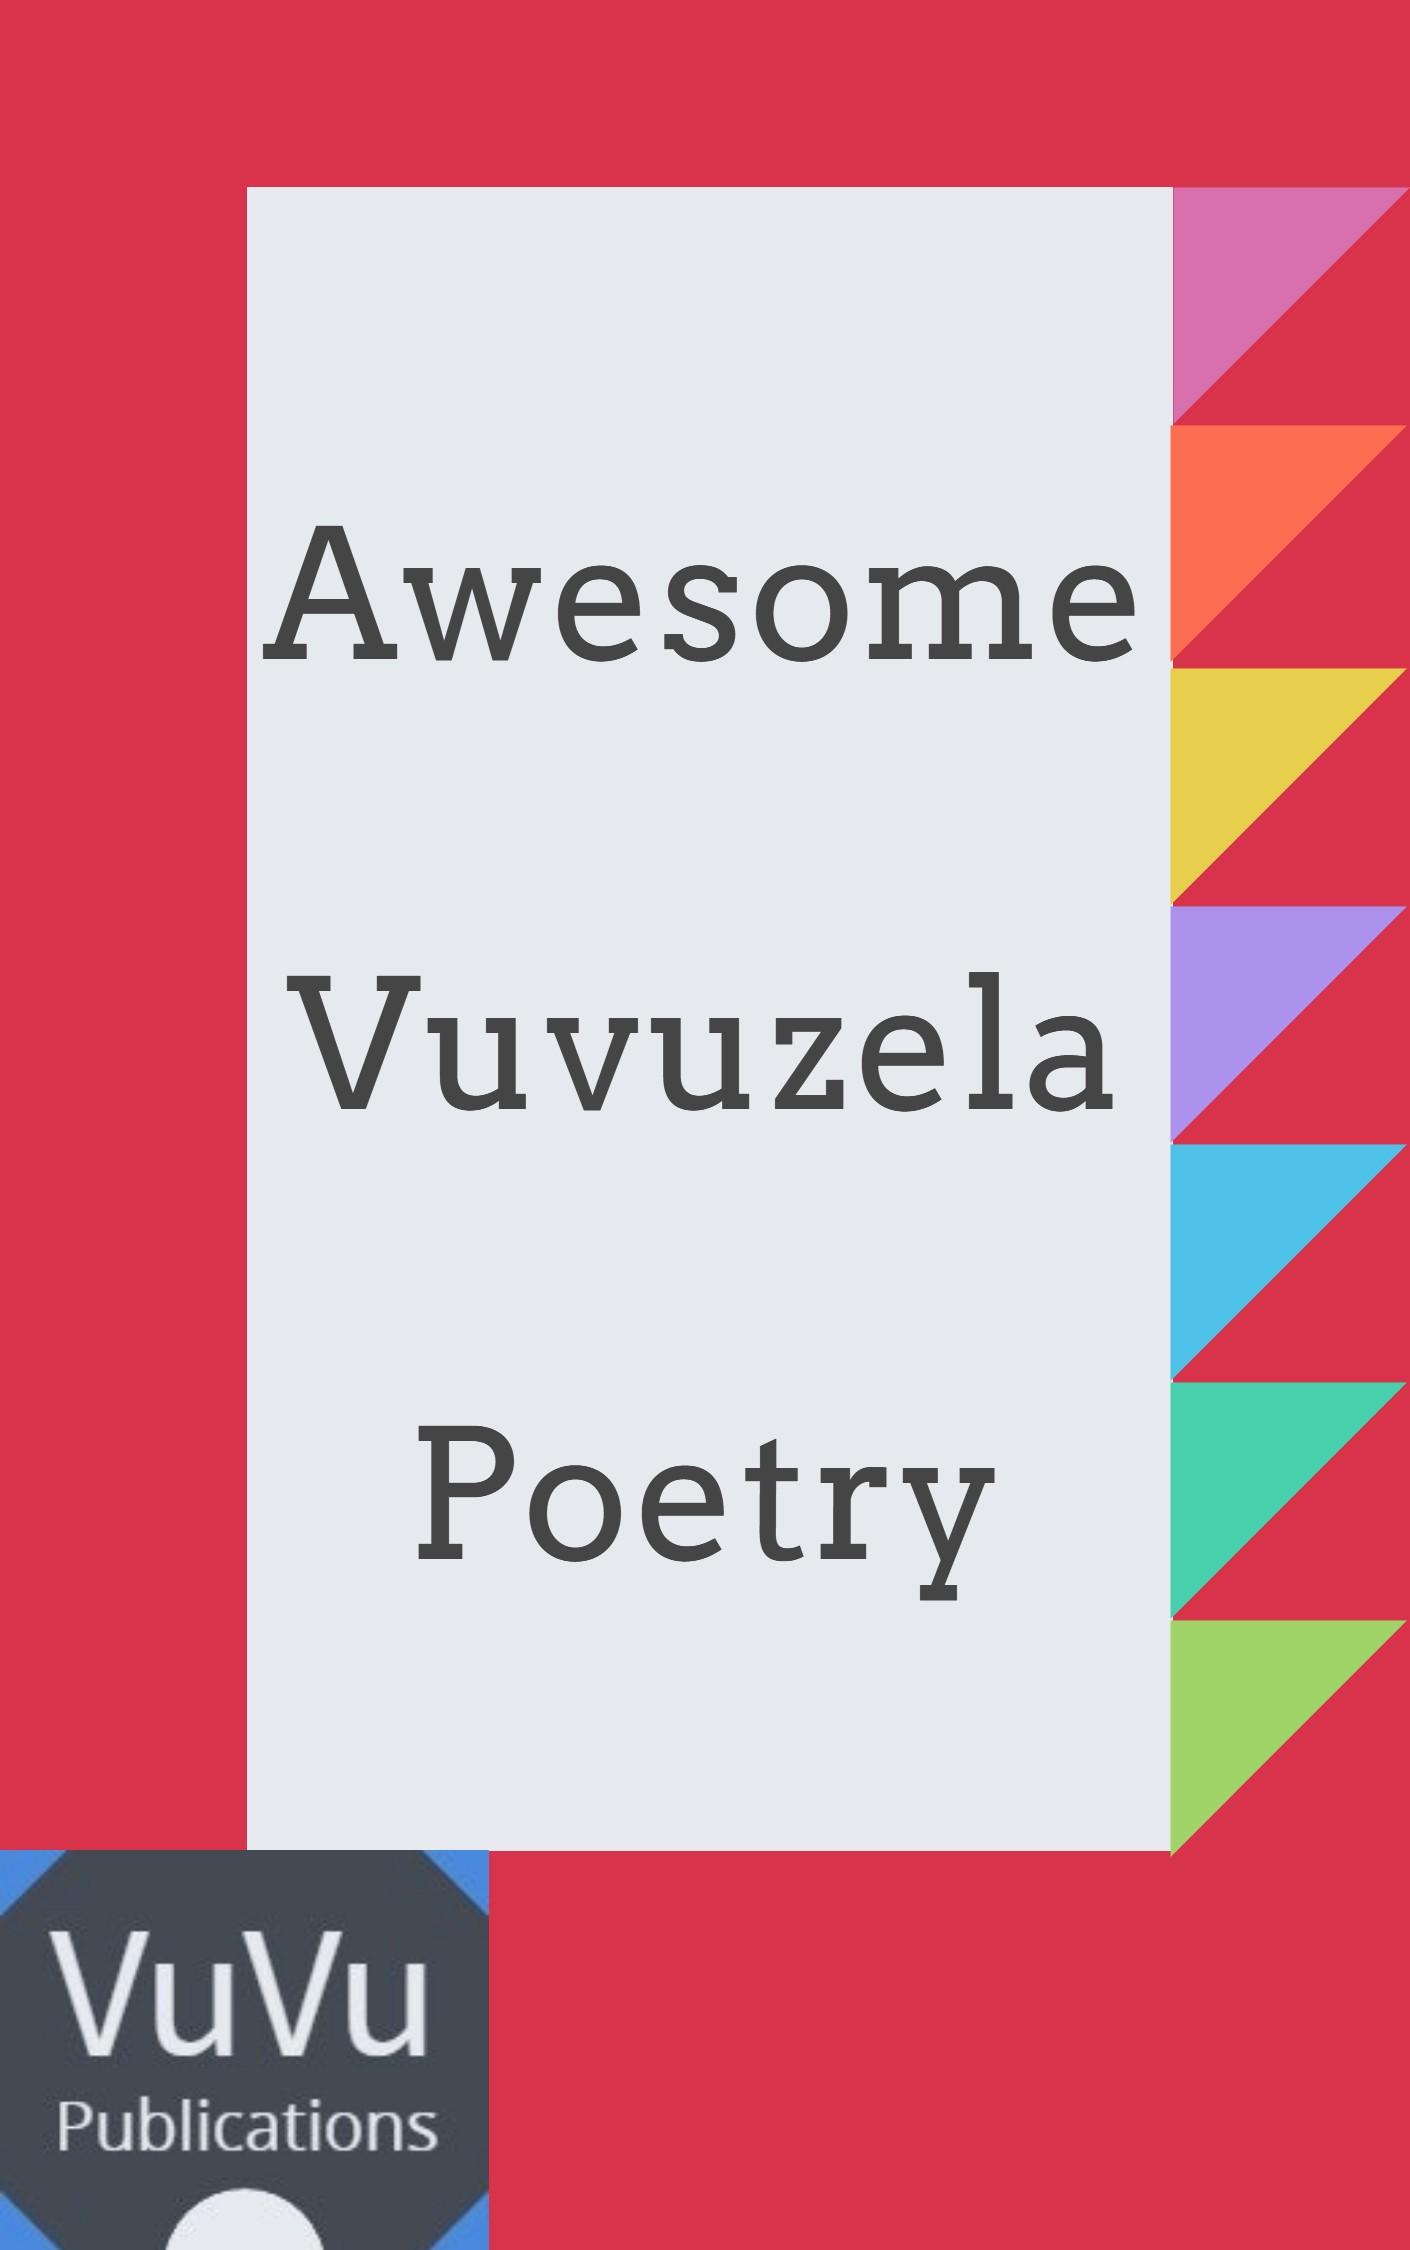 Awesome-Vuvuzela-Poetry